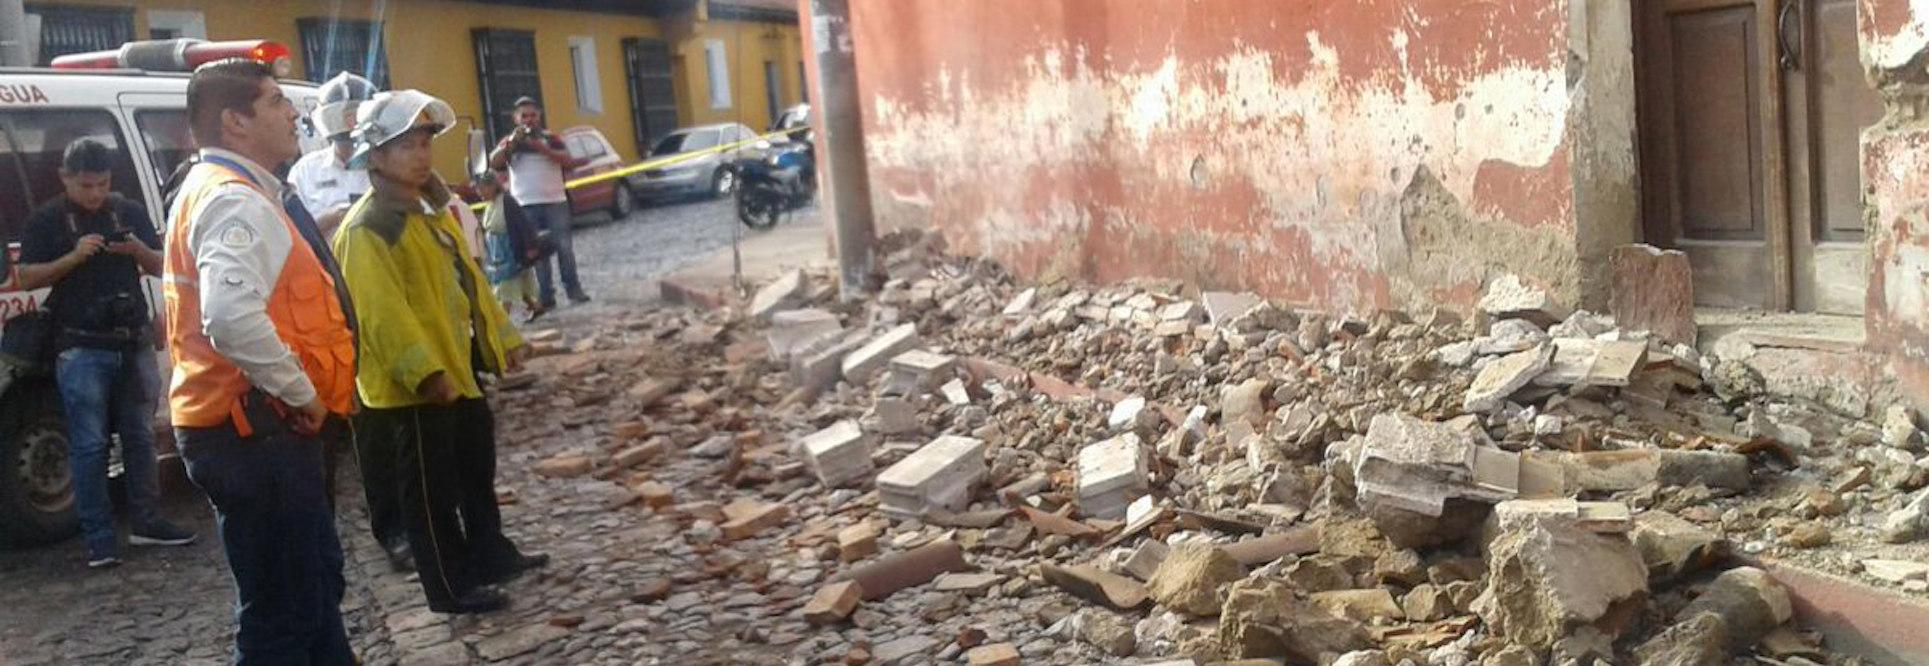 Fotografía cedida por Conred, de los daños ocurridos en la Antigua Guatemala (Guatemala) hoy, jueves 22 de junio de 2017, luego de un sismo de magnitud 6,7 en la escala de Richter que sacudió el país.